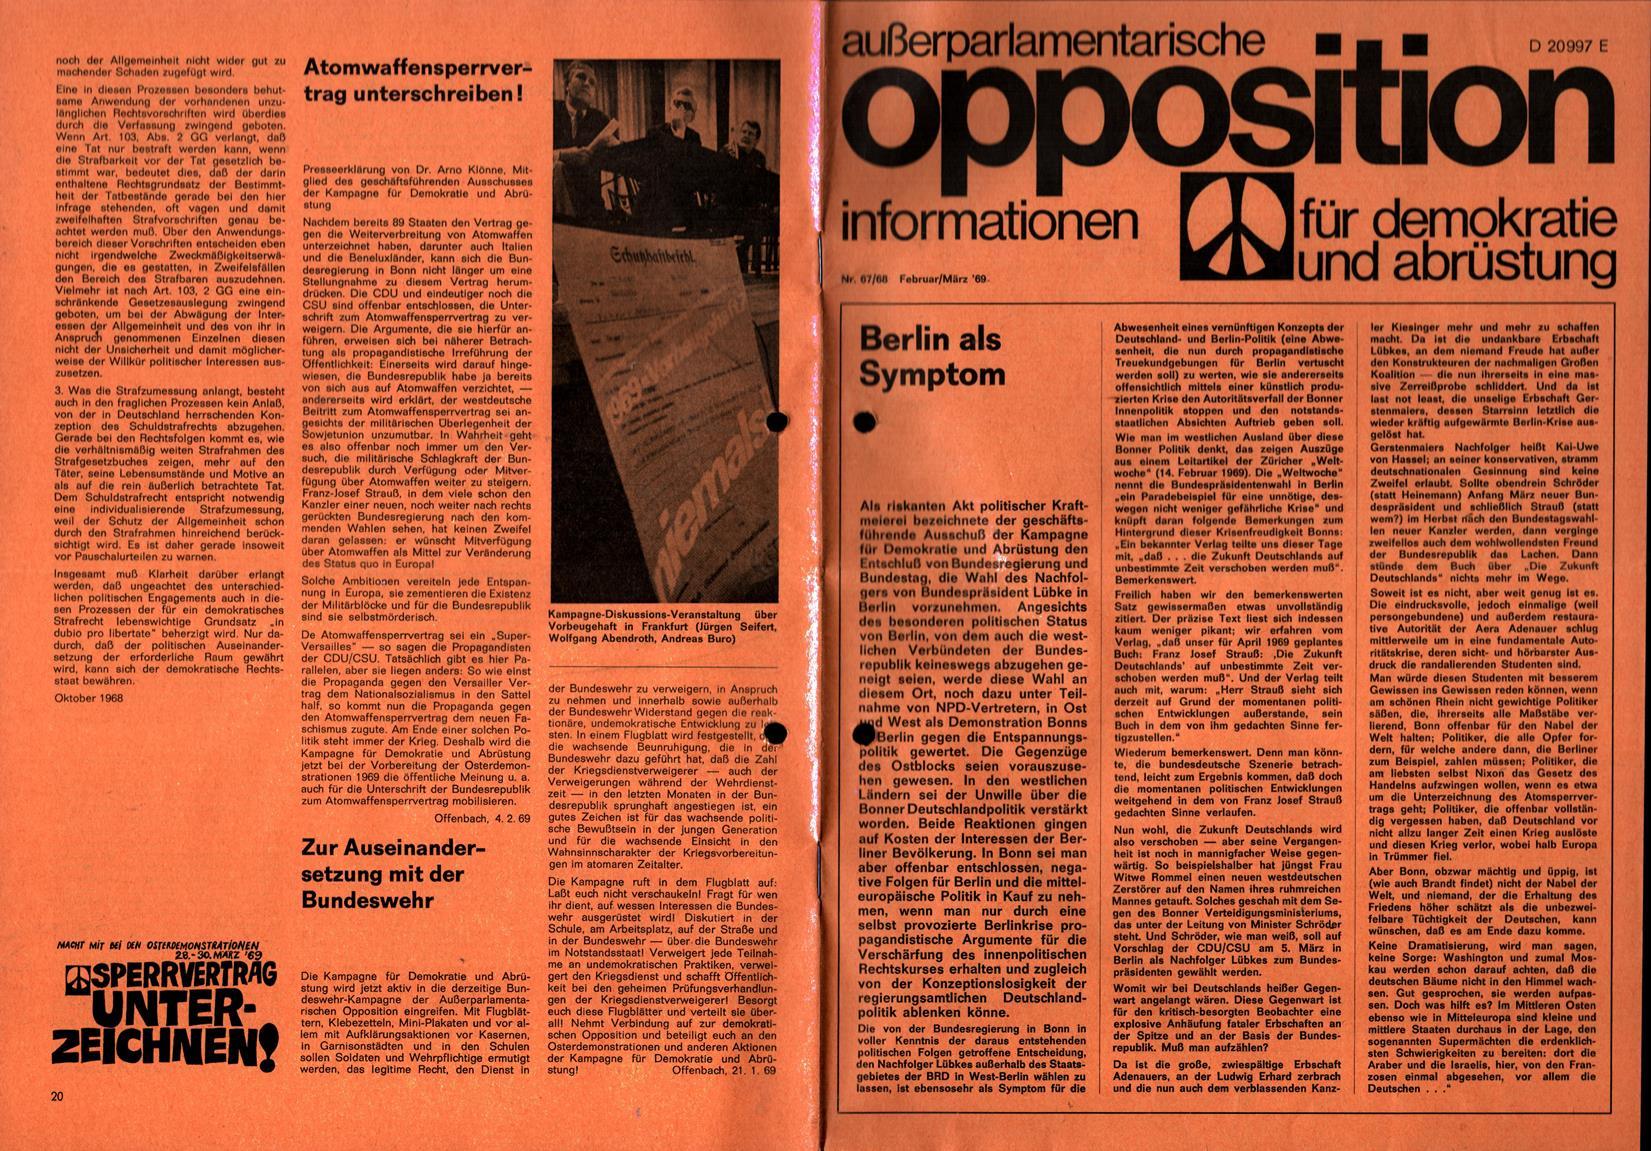 Infos_zur_Abruestung_1969_067_068_001